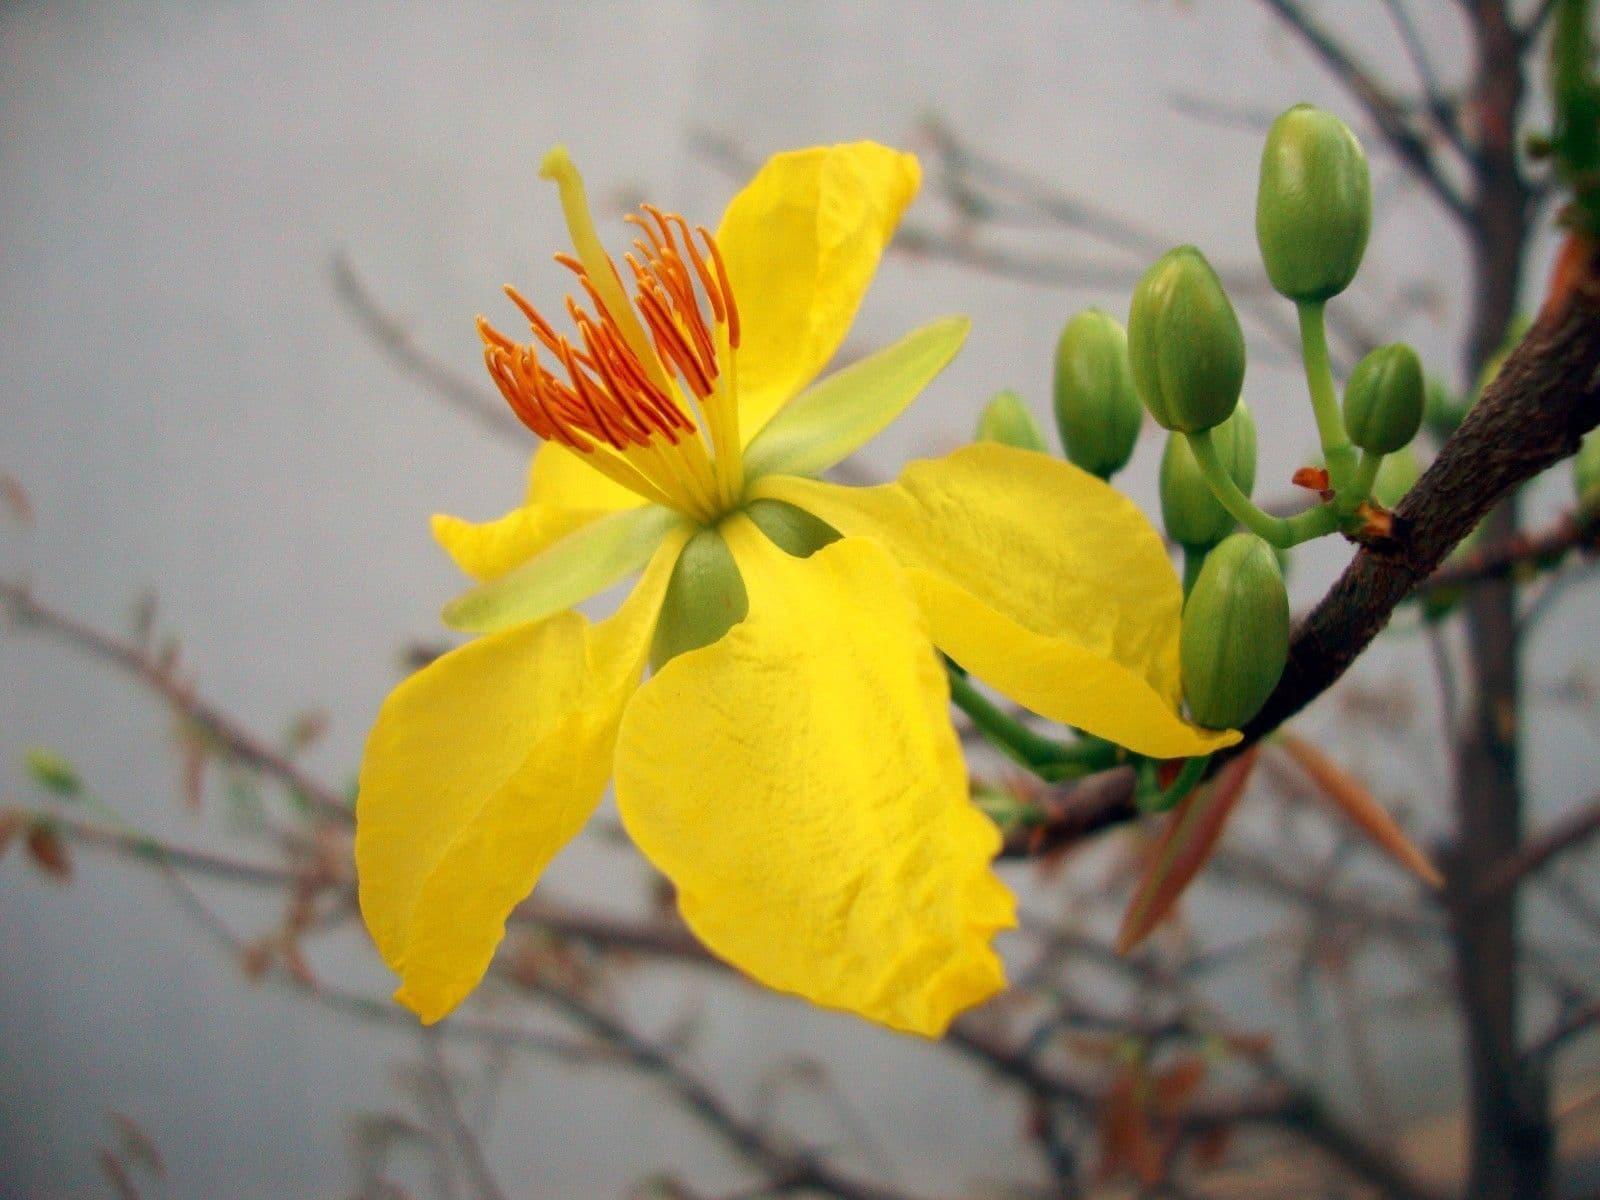 hình ảnh hoa mai đẹp